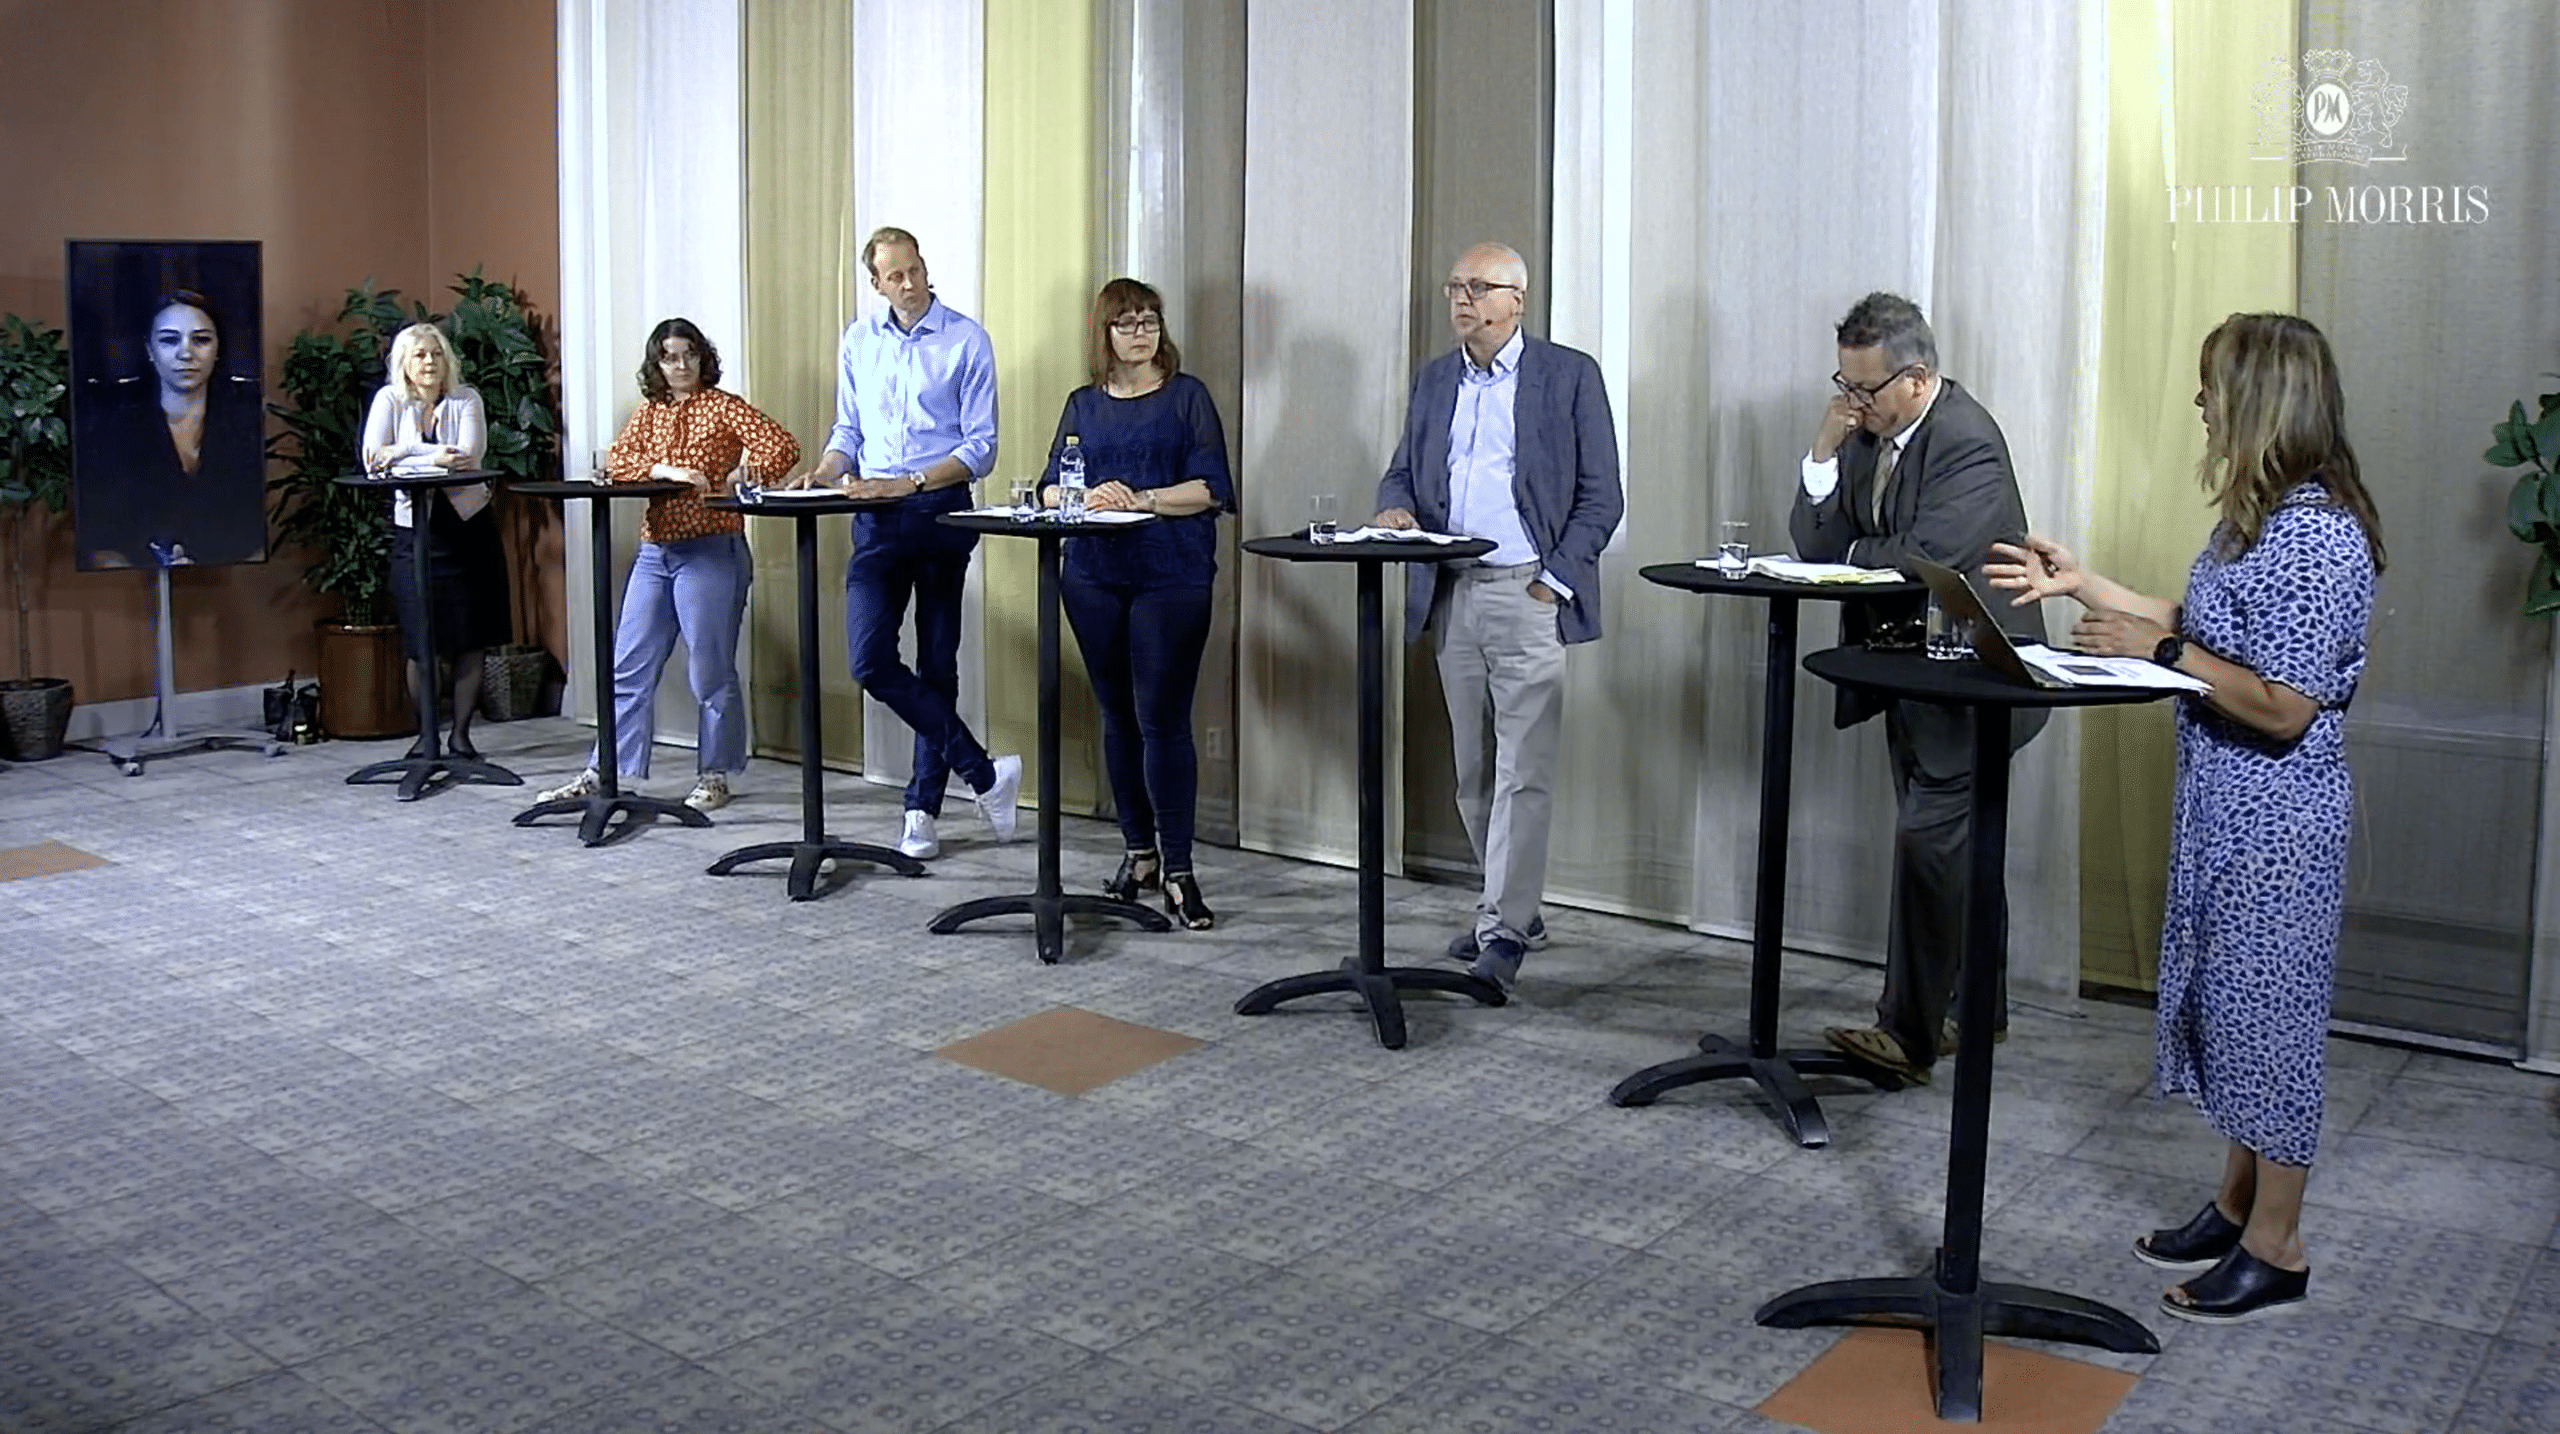 Svensk tobakspolitik debatterades av en panel med politiker, läkare och debattörer.